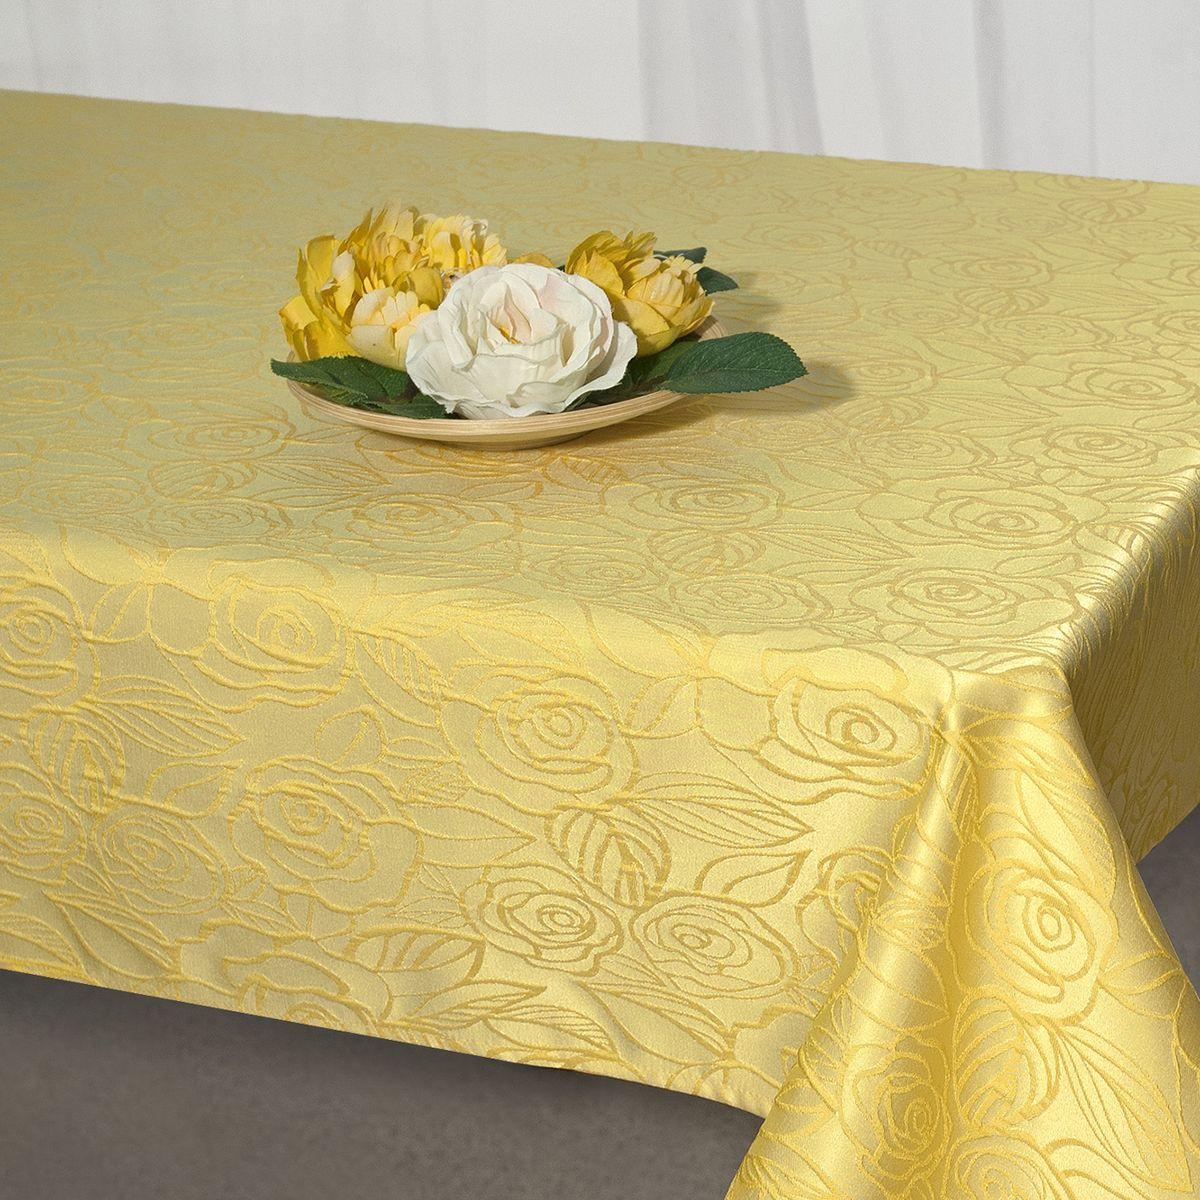 Скатерть Schaefer, прямоугольная, цвет: желтый, 130 x 160 см. 07549-42707549-427Стильная скатерть Schaefer выполнена из полиэстера.Изделия из полиэстера легко стирать: они не мнутся, не садятся и быстро сохнут, они более долговечны, чем изделия из натуральных волокон.Немецкая компания Schaefer создана в 1921 году. На протяжении всего времени существования она создает уникальные коллекции домашнего текстиля для гостиных, спален, кухонь и ванных комнат. Дизайнерские идеи немецких художников компании Schaefer воплощаются в текстильных изделиях, которые сделают ваш дом красивее и уютнее и не останутся незамеченными вашими гостями. Дарите себе и близким красоту каждый день!